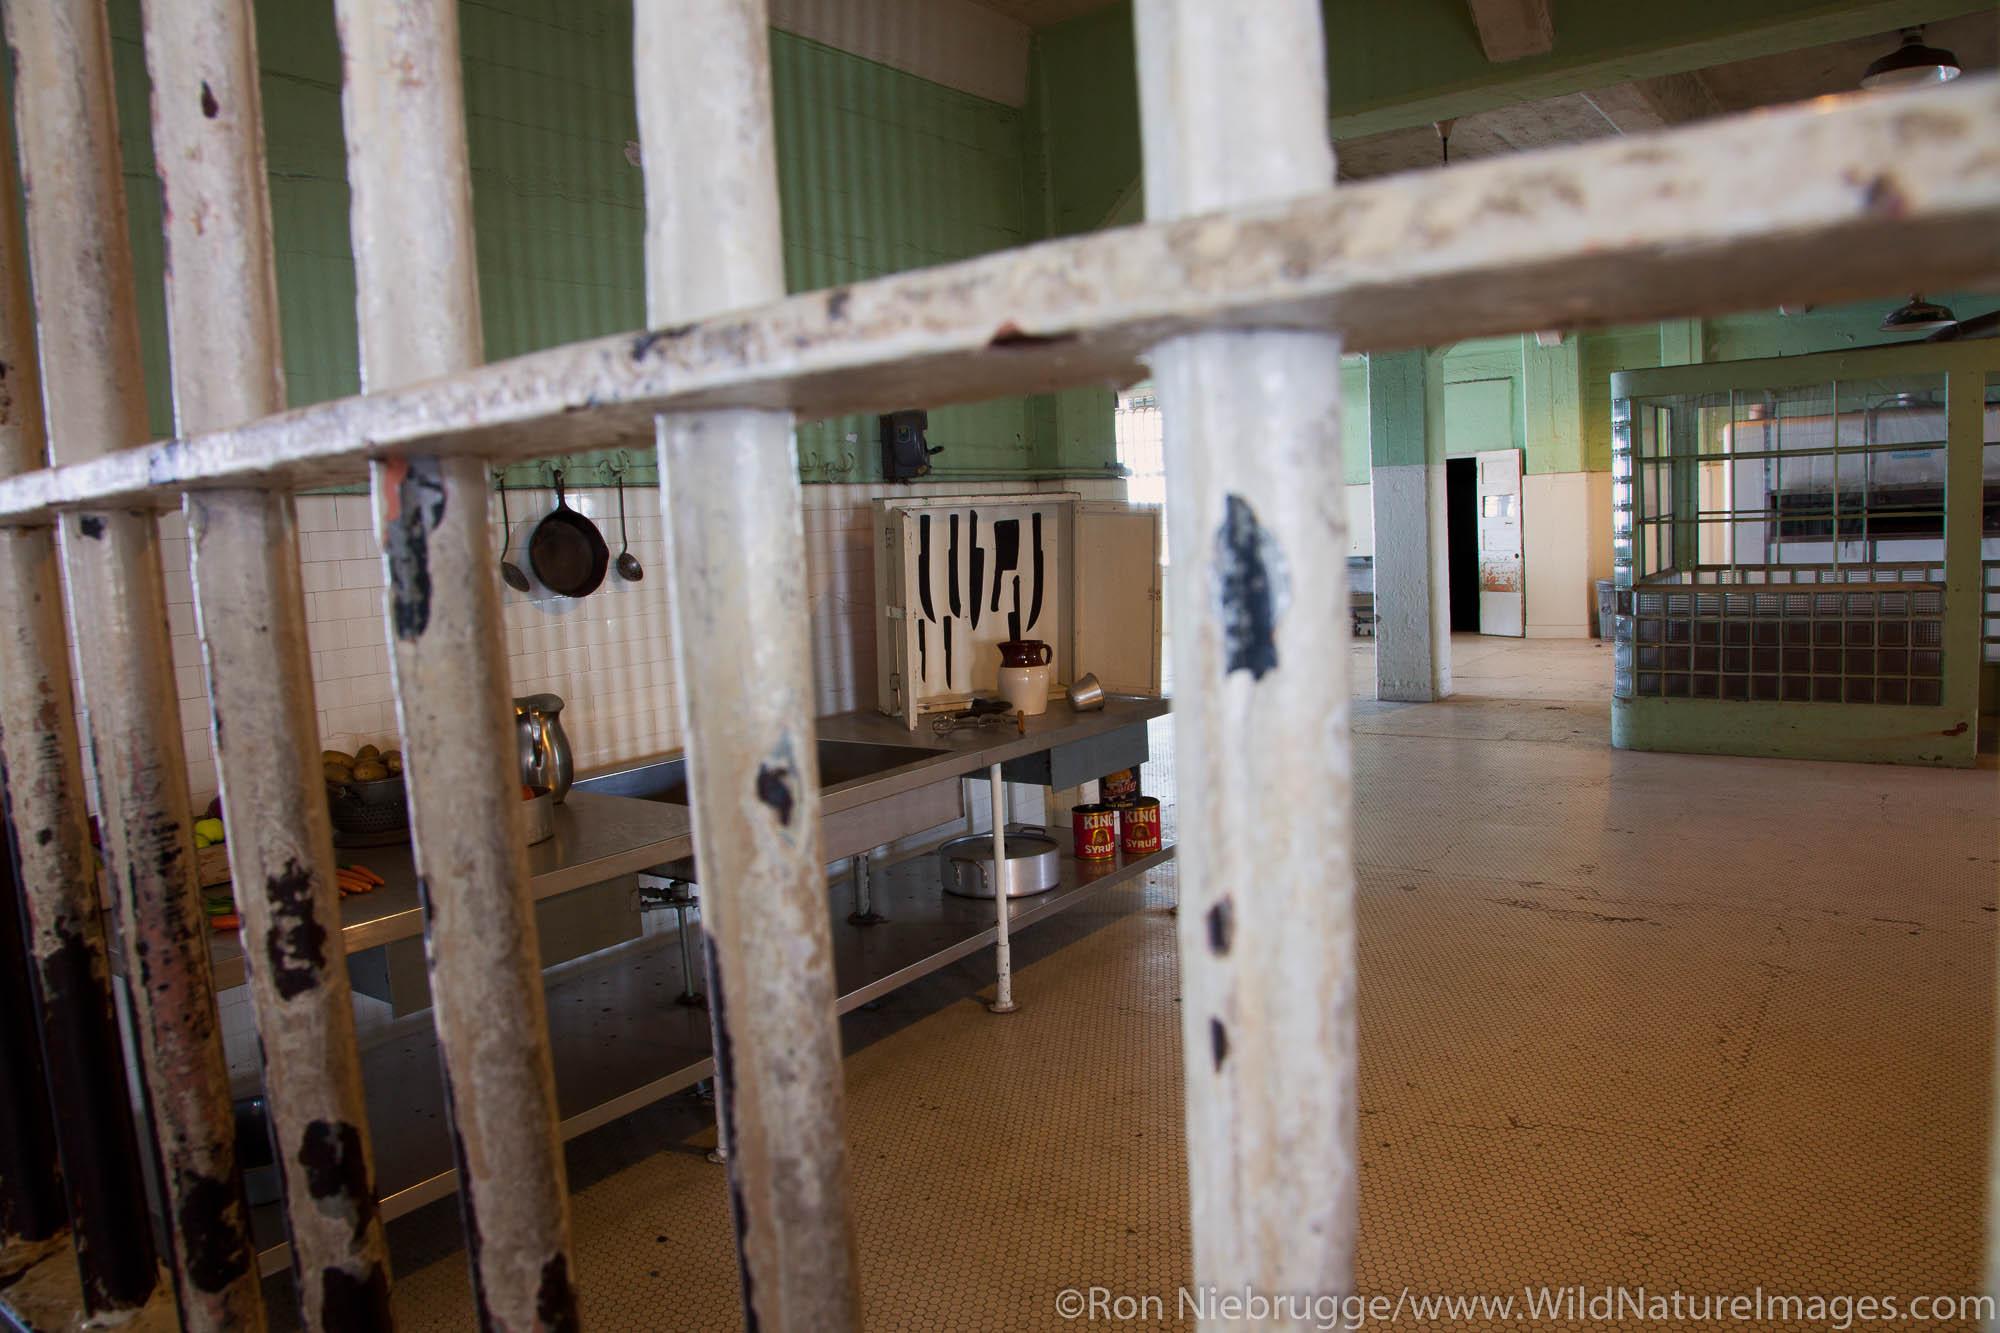 Kitchen area inside cellhouse at Alcatraz, San Francisco, CA